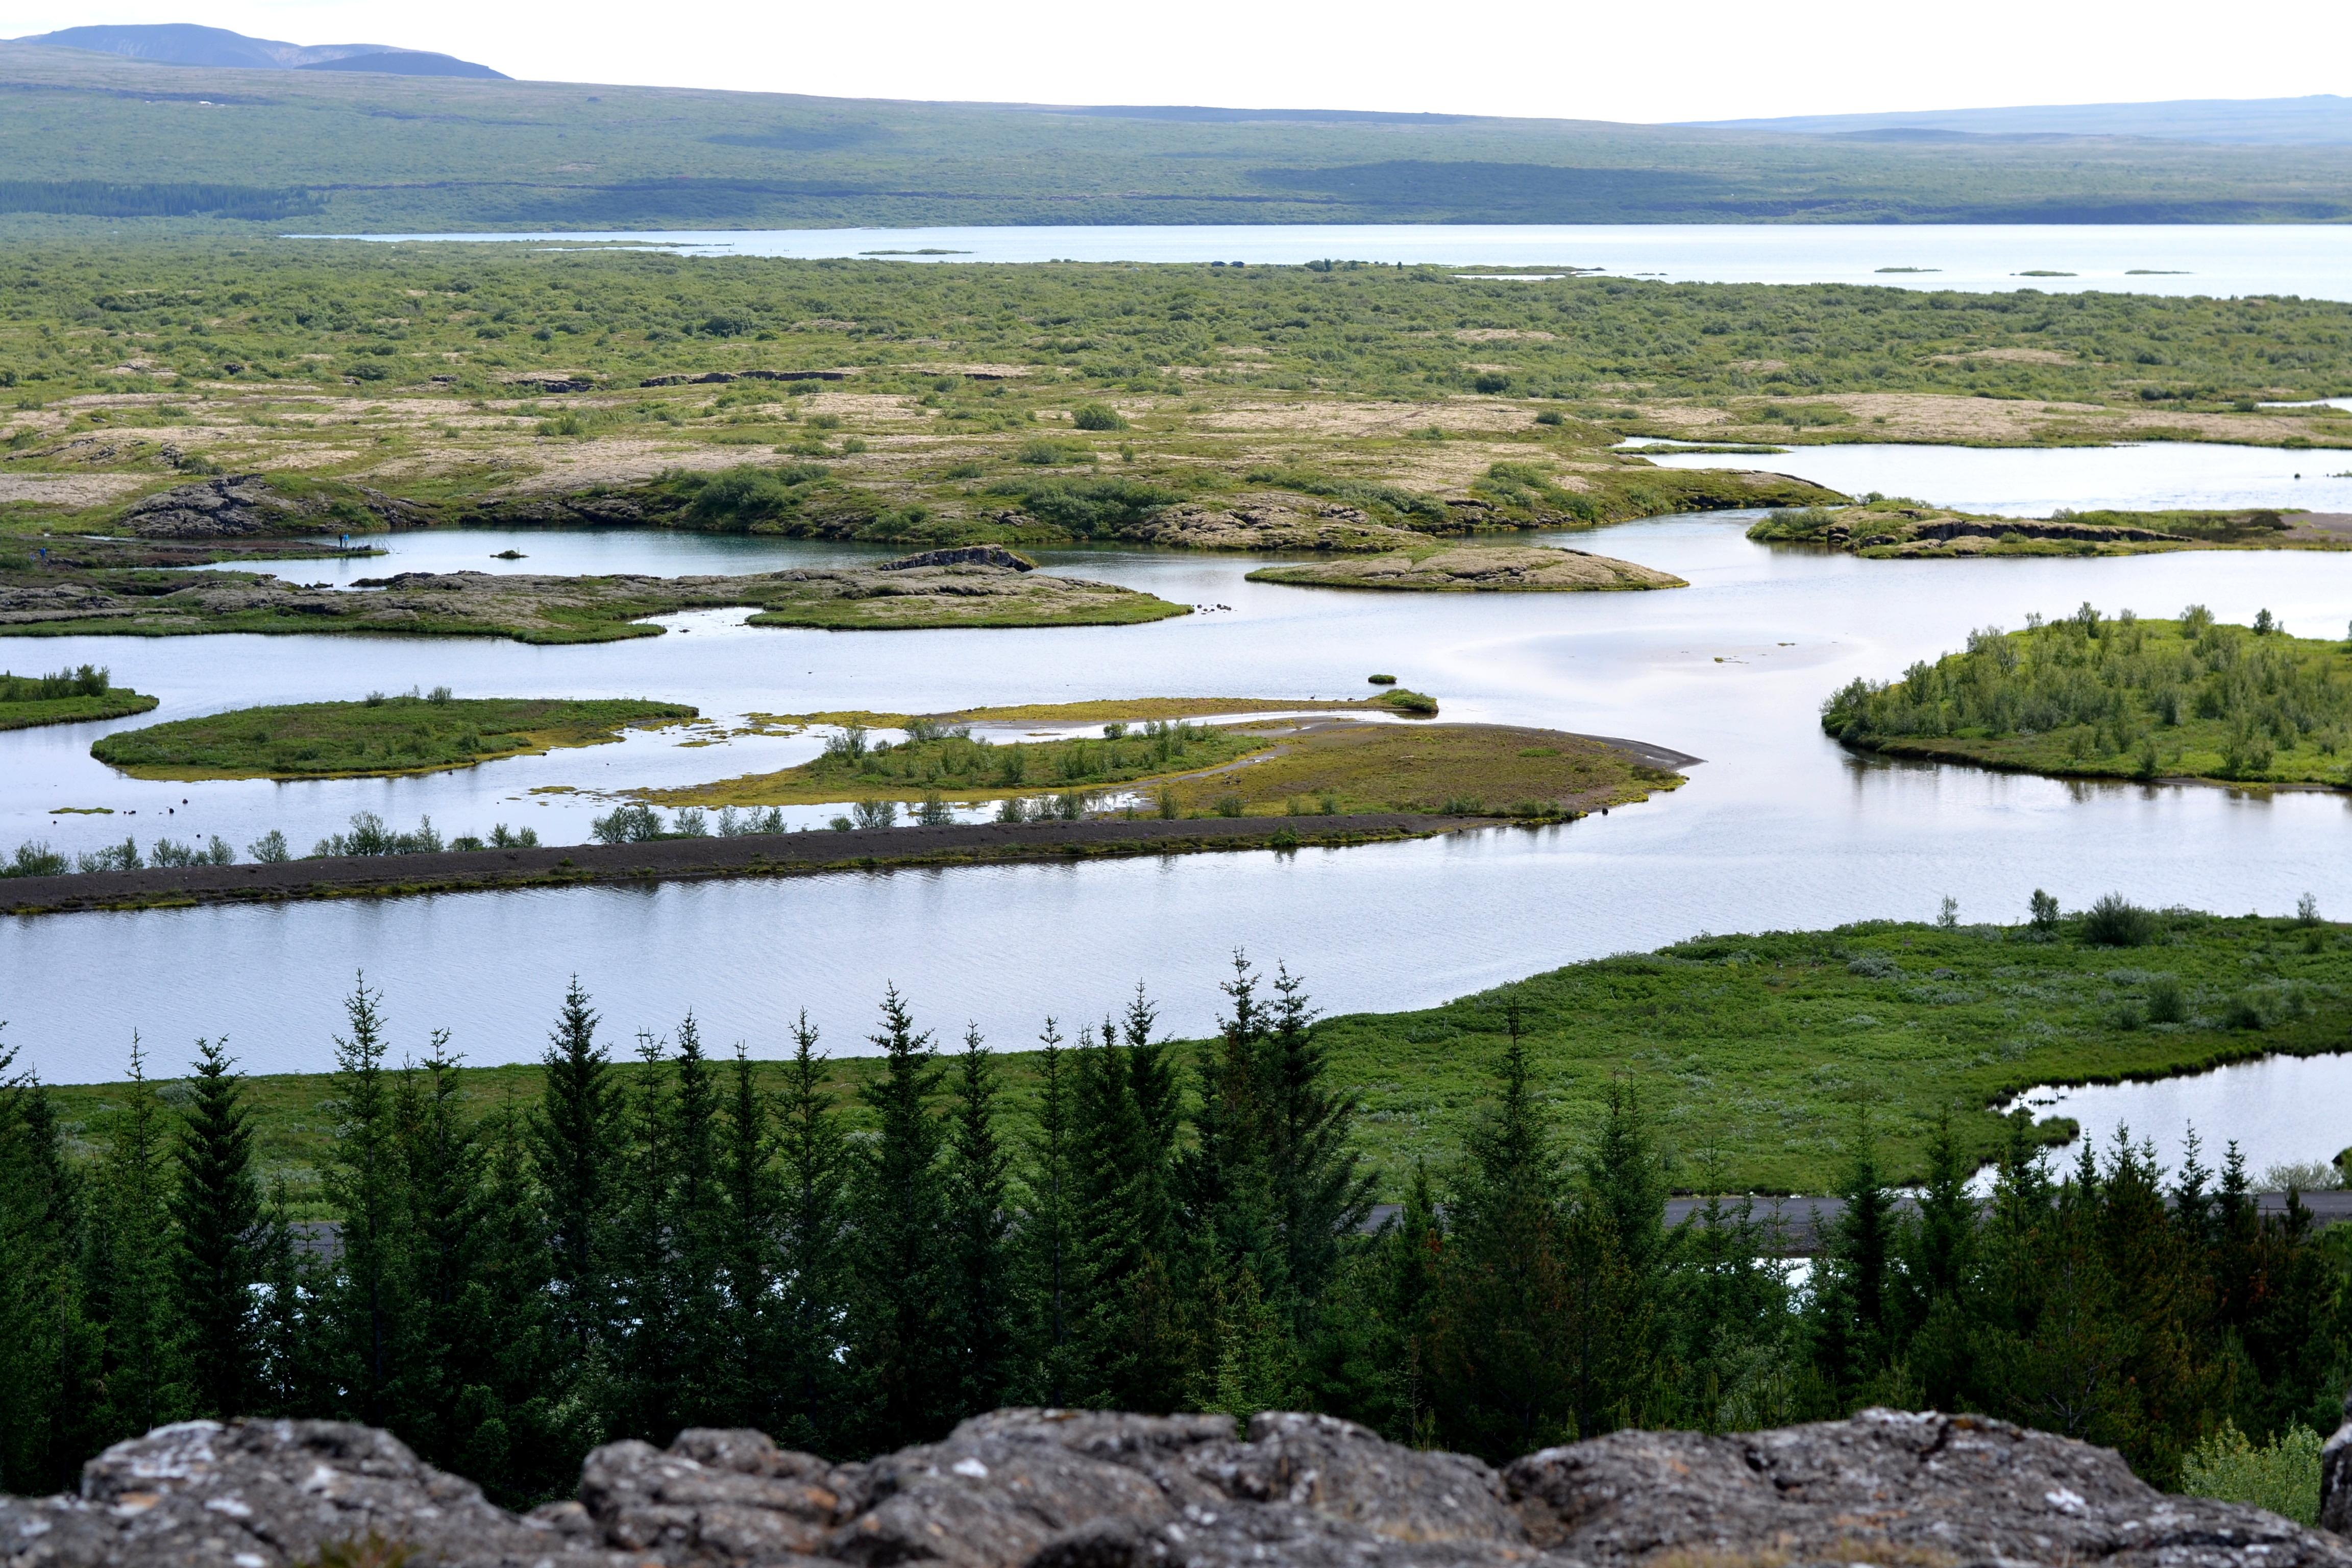 Reisefoto Island: Ausblick auf Seen ©Imke Haverbusch